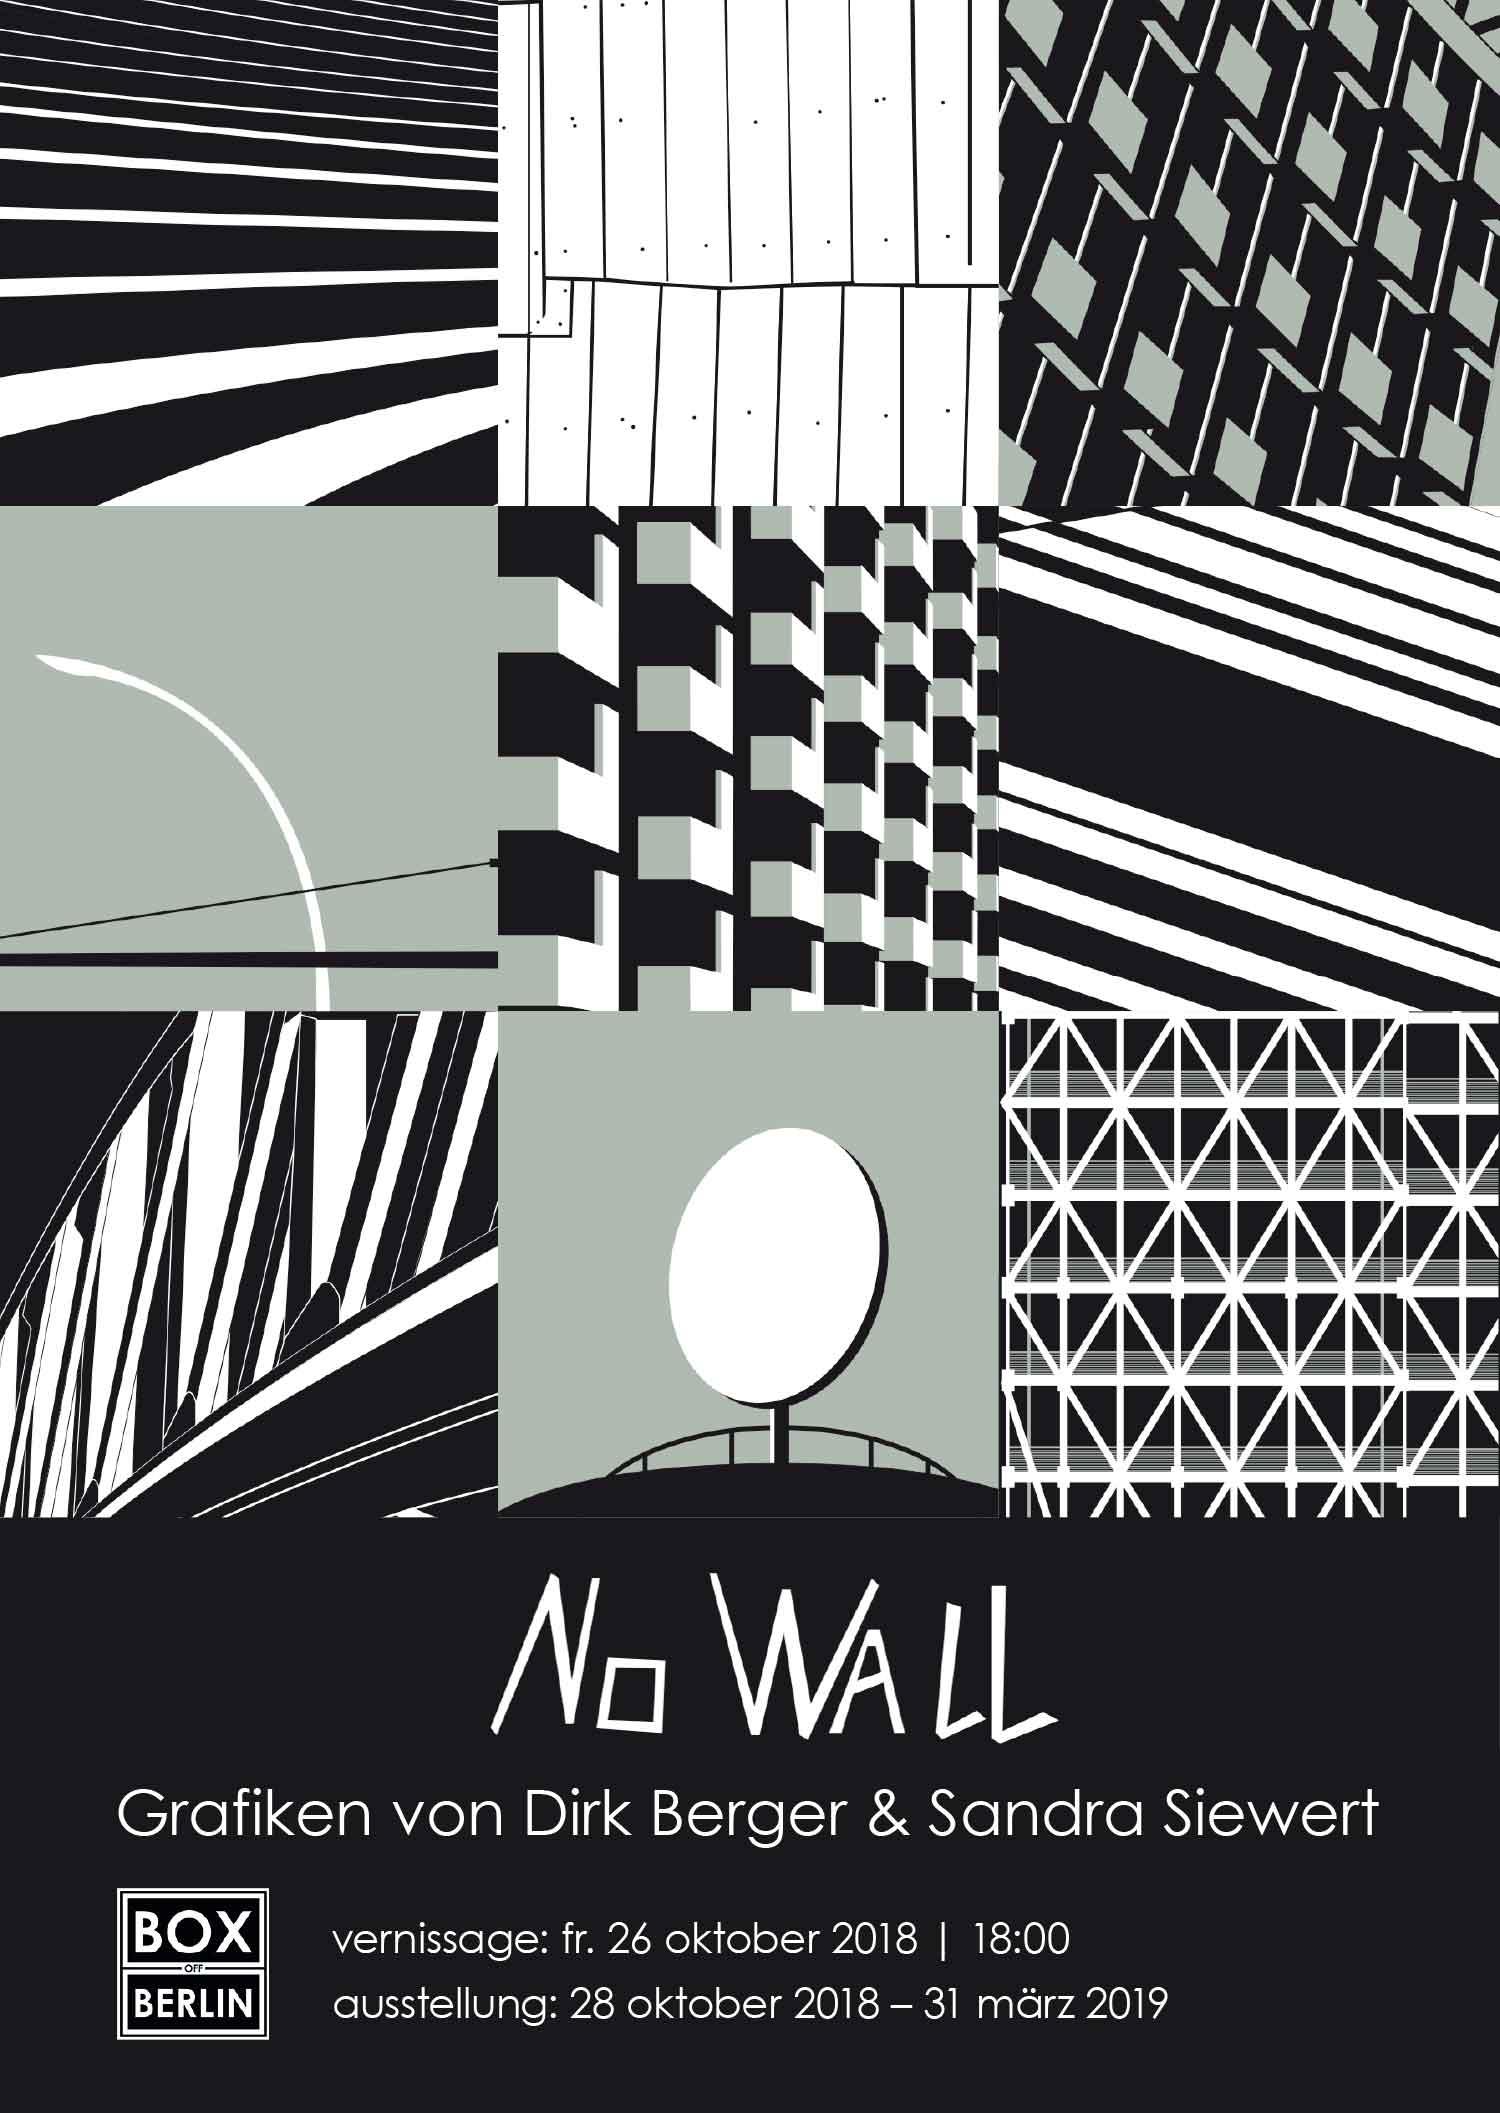 Berliner Mauer Grafik 30 Jahre